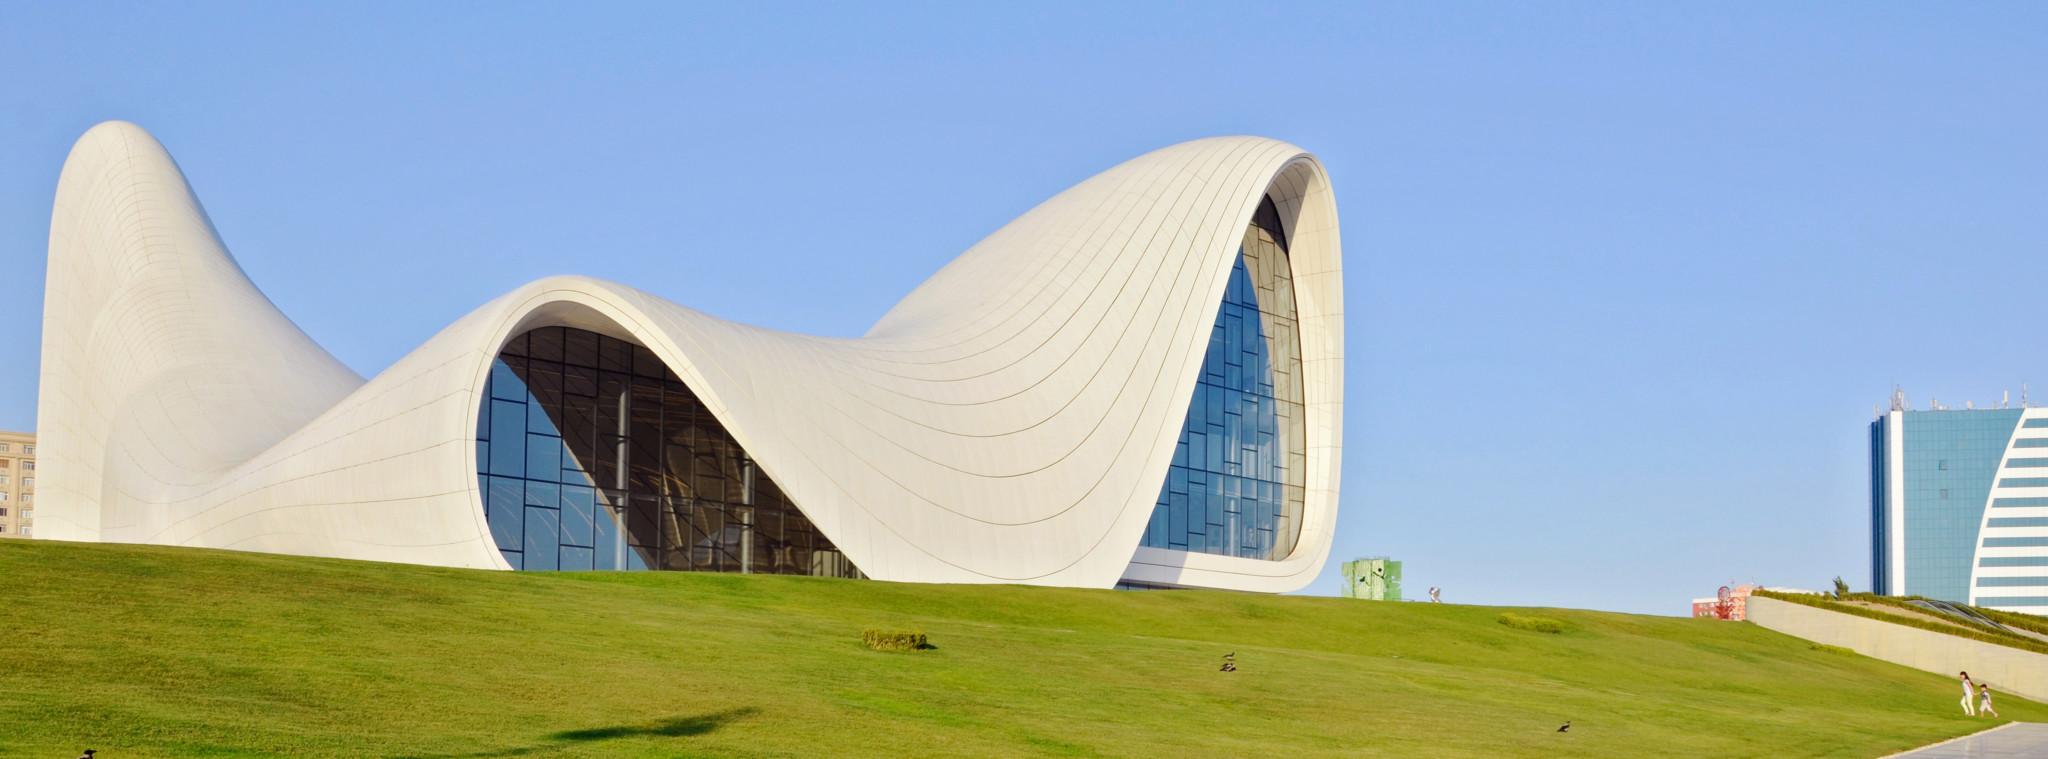 Aserbaidschan Sehenswurdigkeiten Alle Highlights Und Tipps Im Uberblick